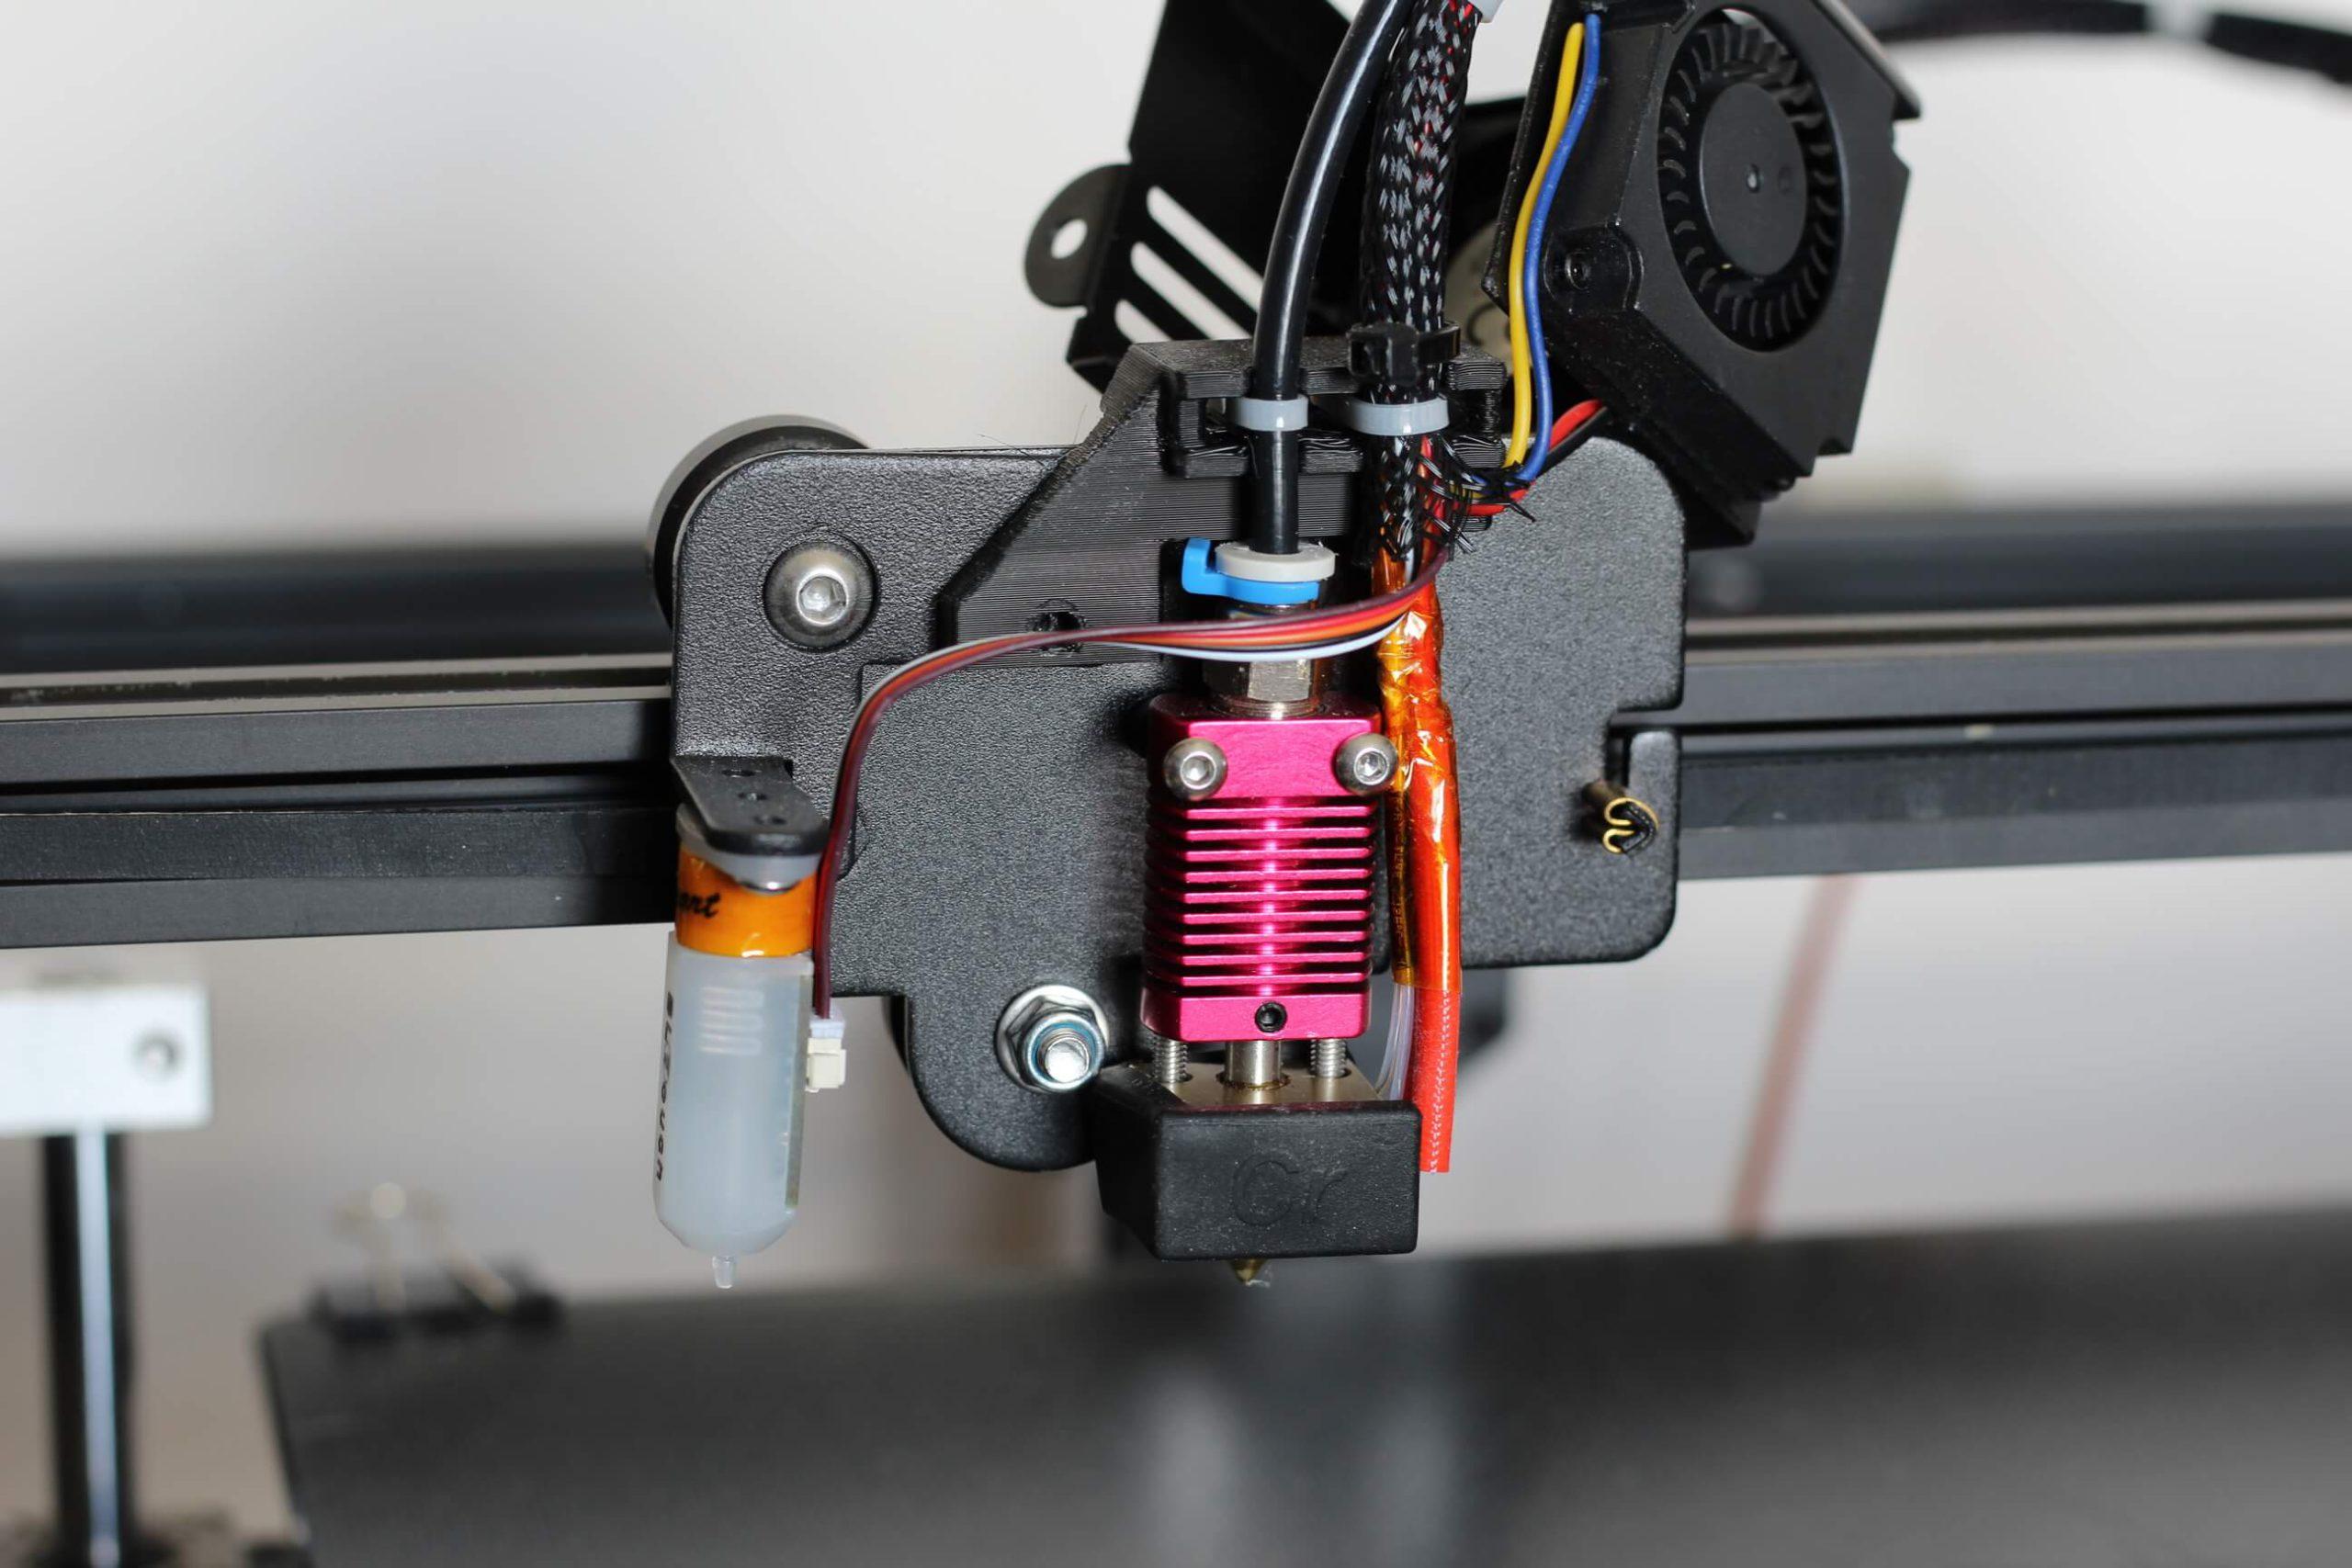 NF-Smart-Cr-10-Installation-4